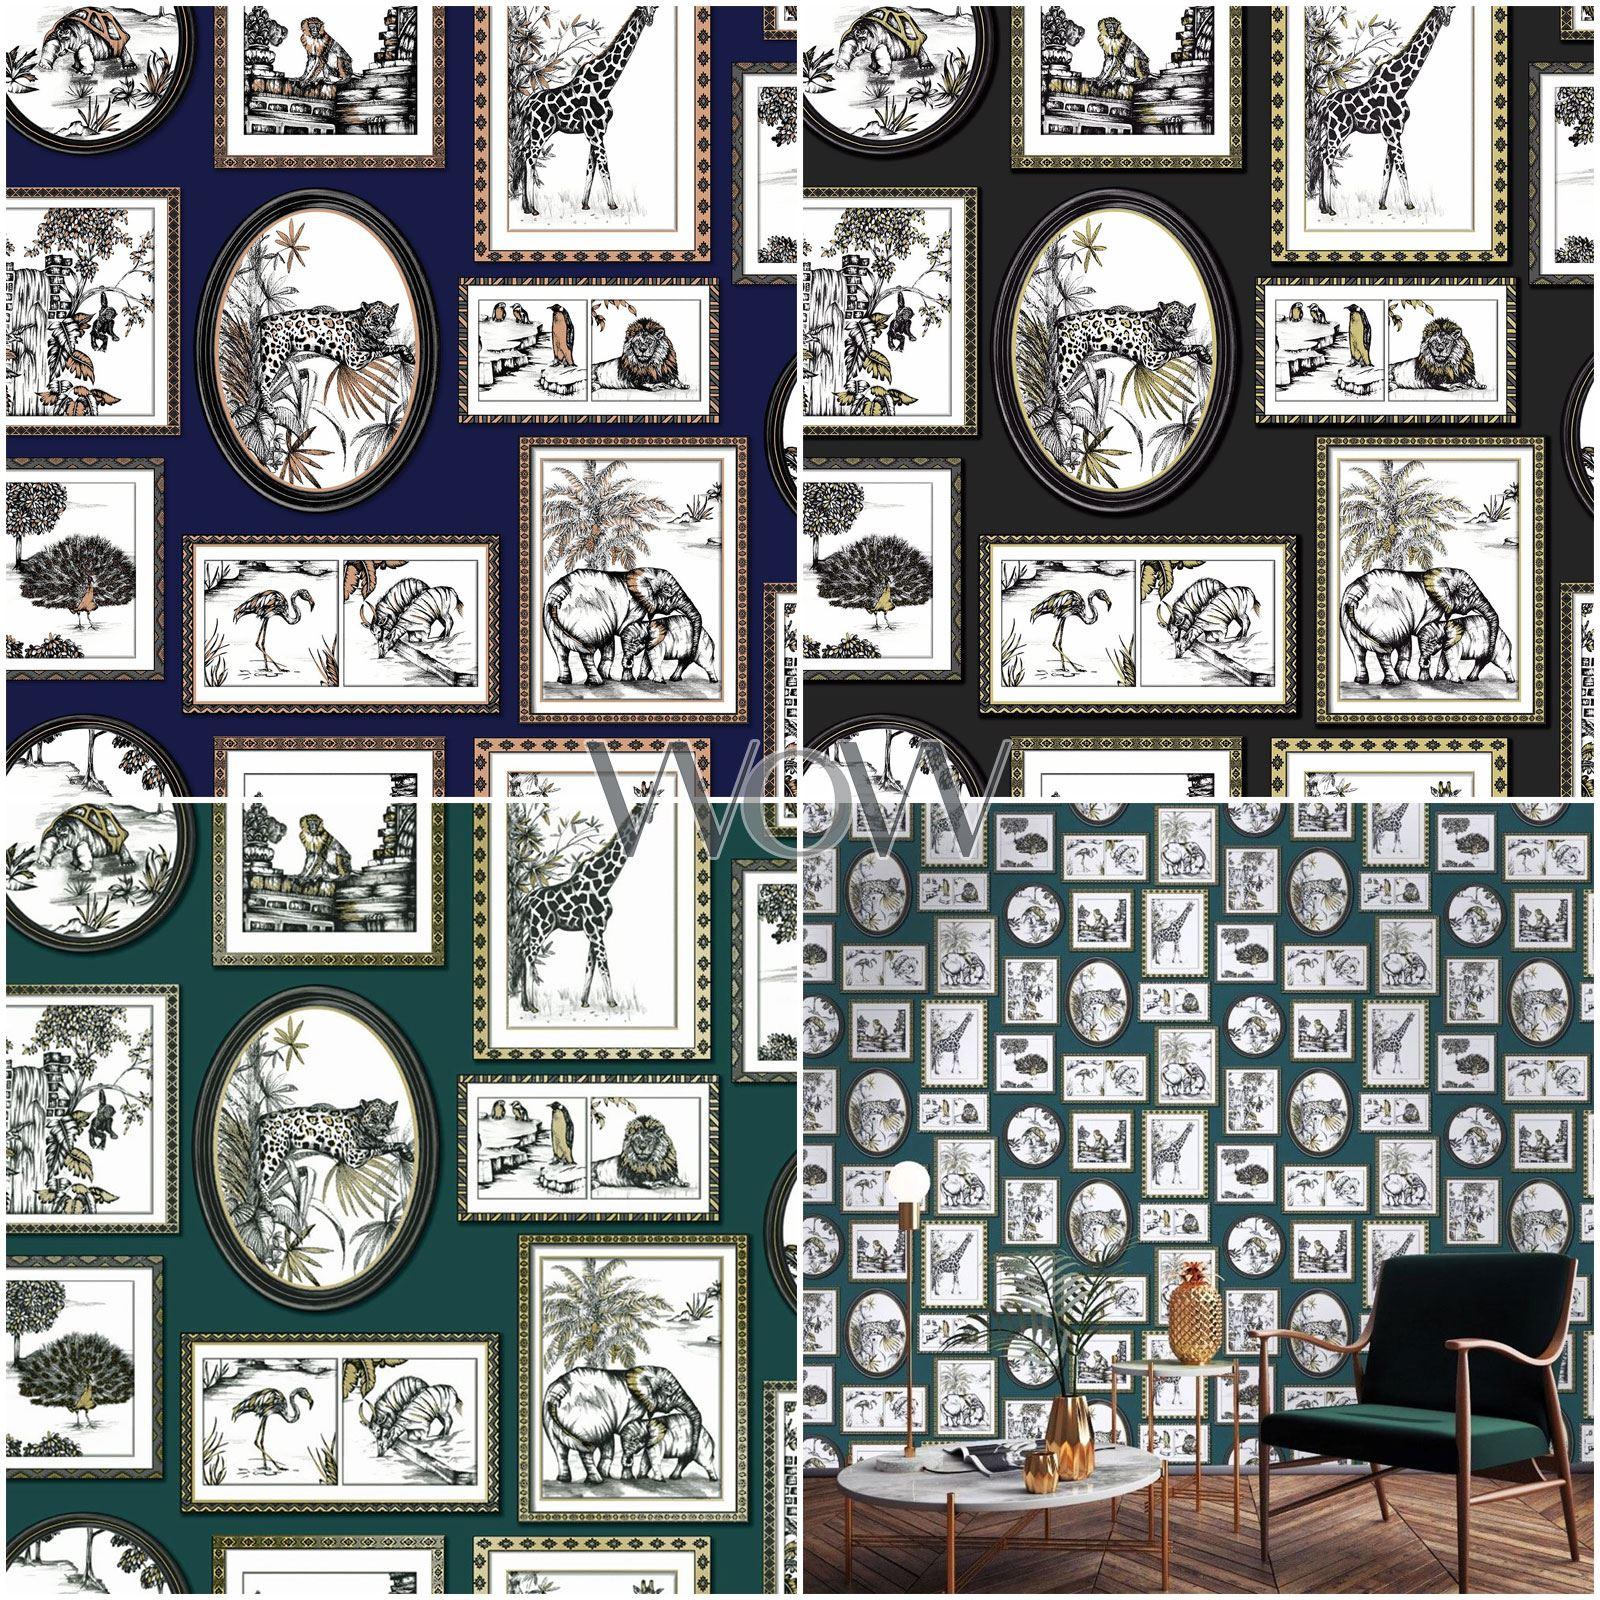 COPPER SAFARI FRAMES WALLPAPER NAVY HOLDEN 90072 ELEPHANT LION